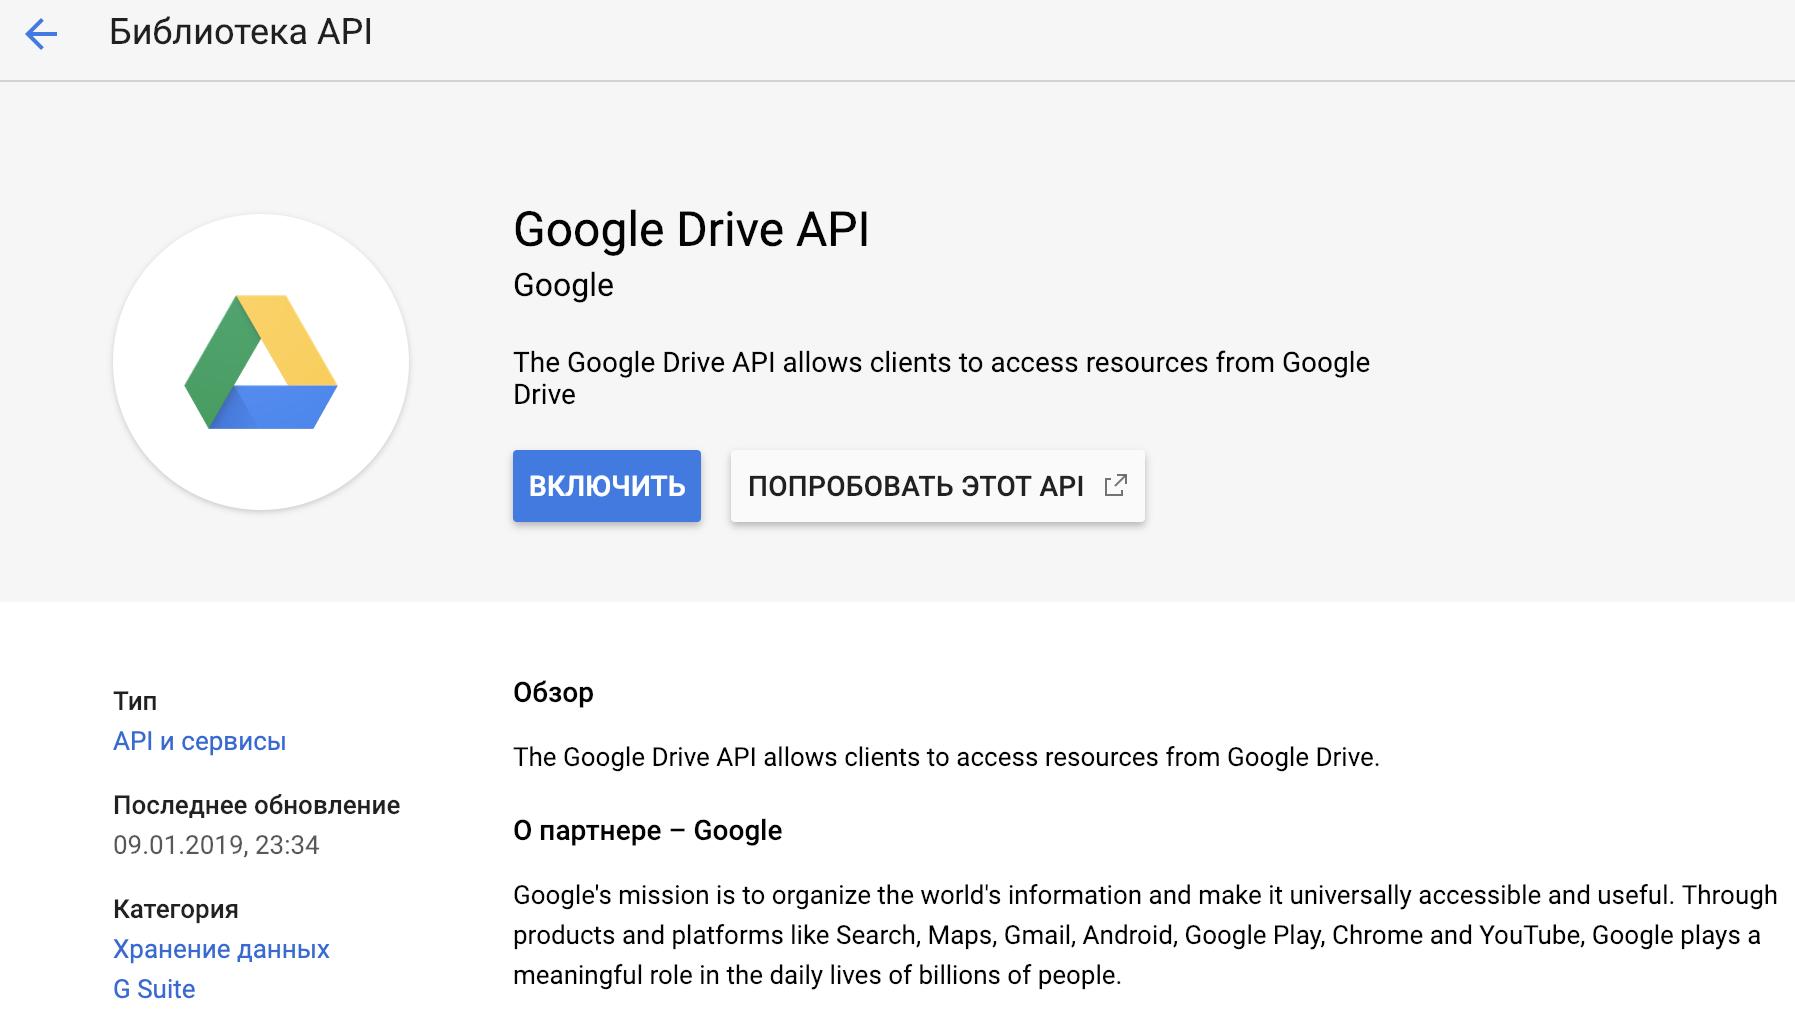 Универсальное расширение 1С для Google Таблиц и Документов — берите и пользуйтесь - 4